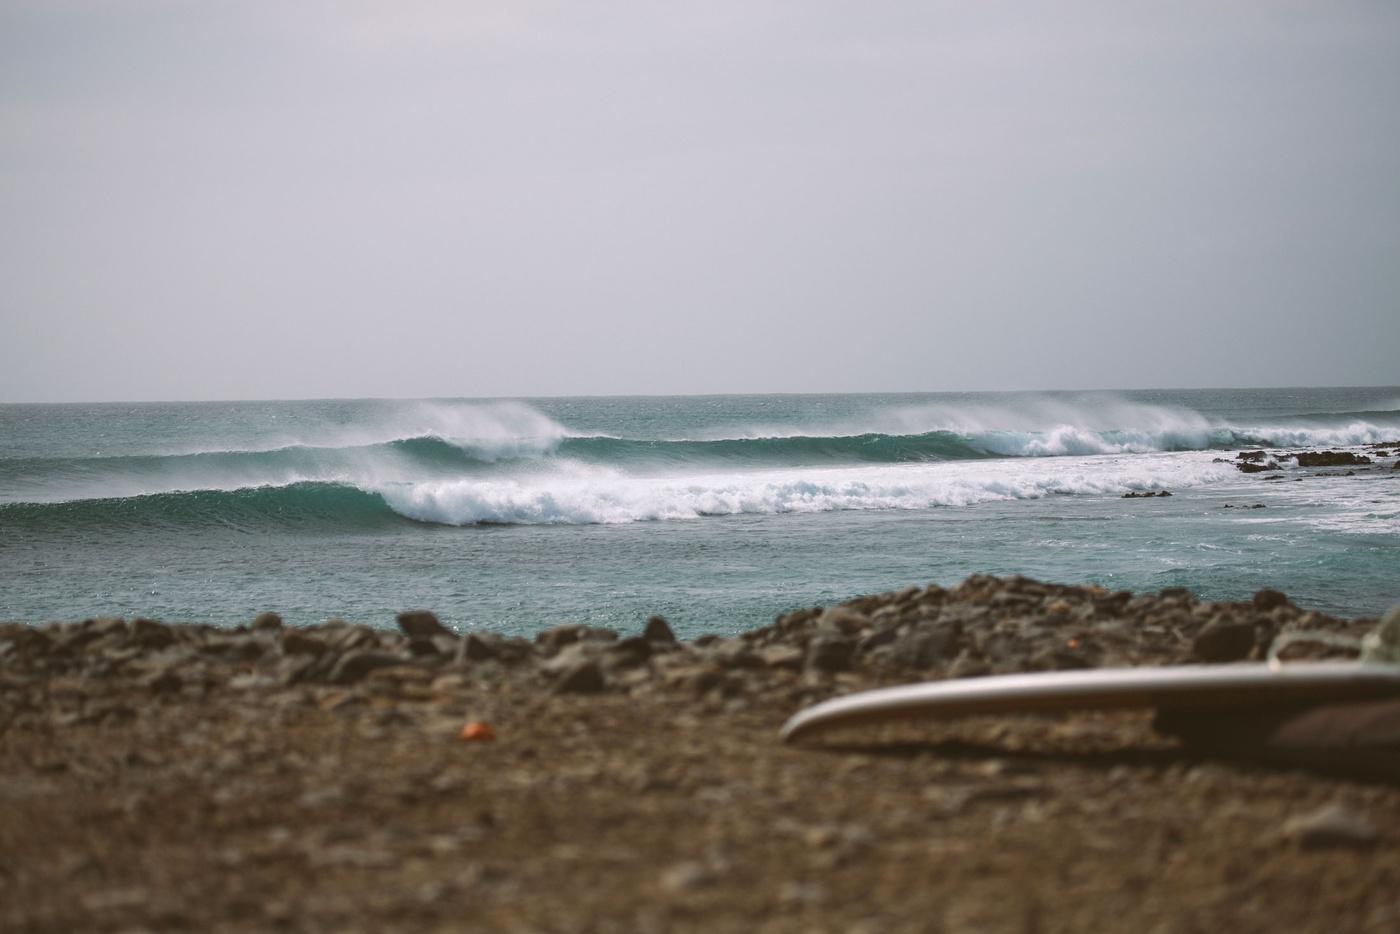 CAPE_VERT_SURF_NO_ONE